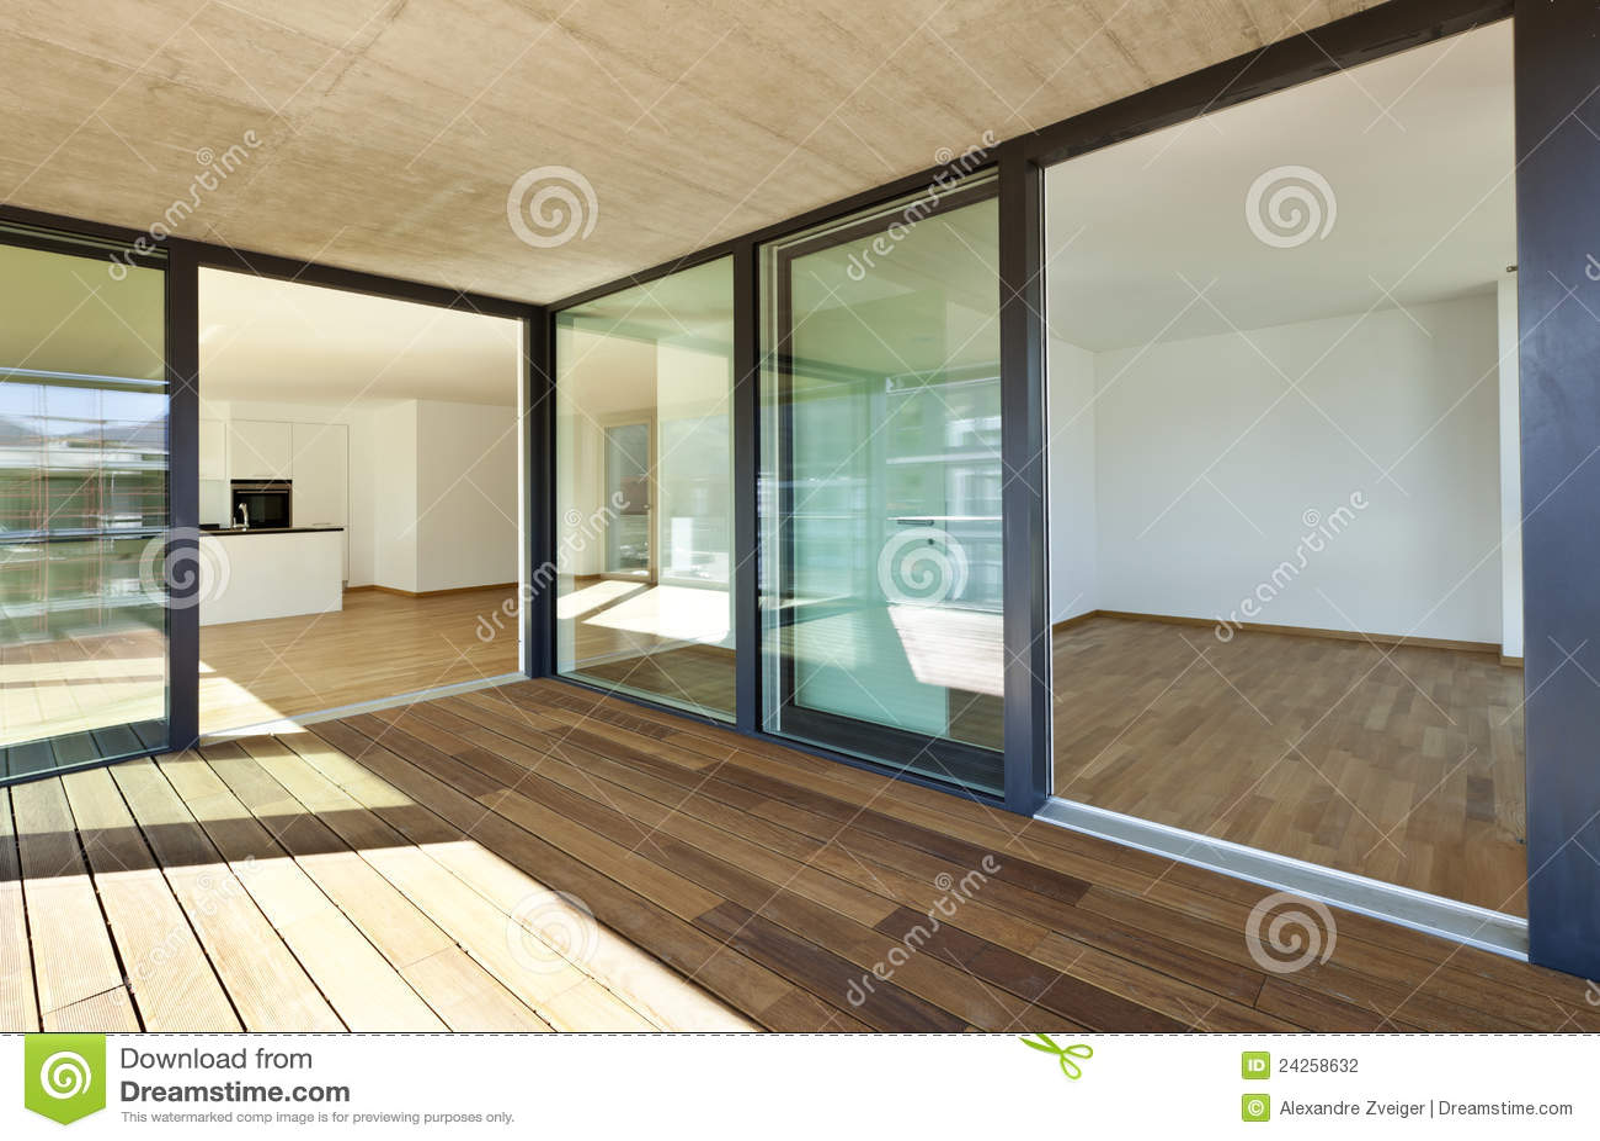 Nuovo Appartamento, Veranda Fotografia Stock - Immagine: 24258632